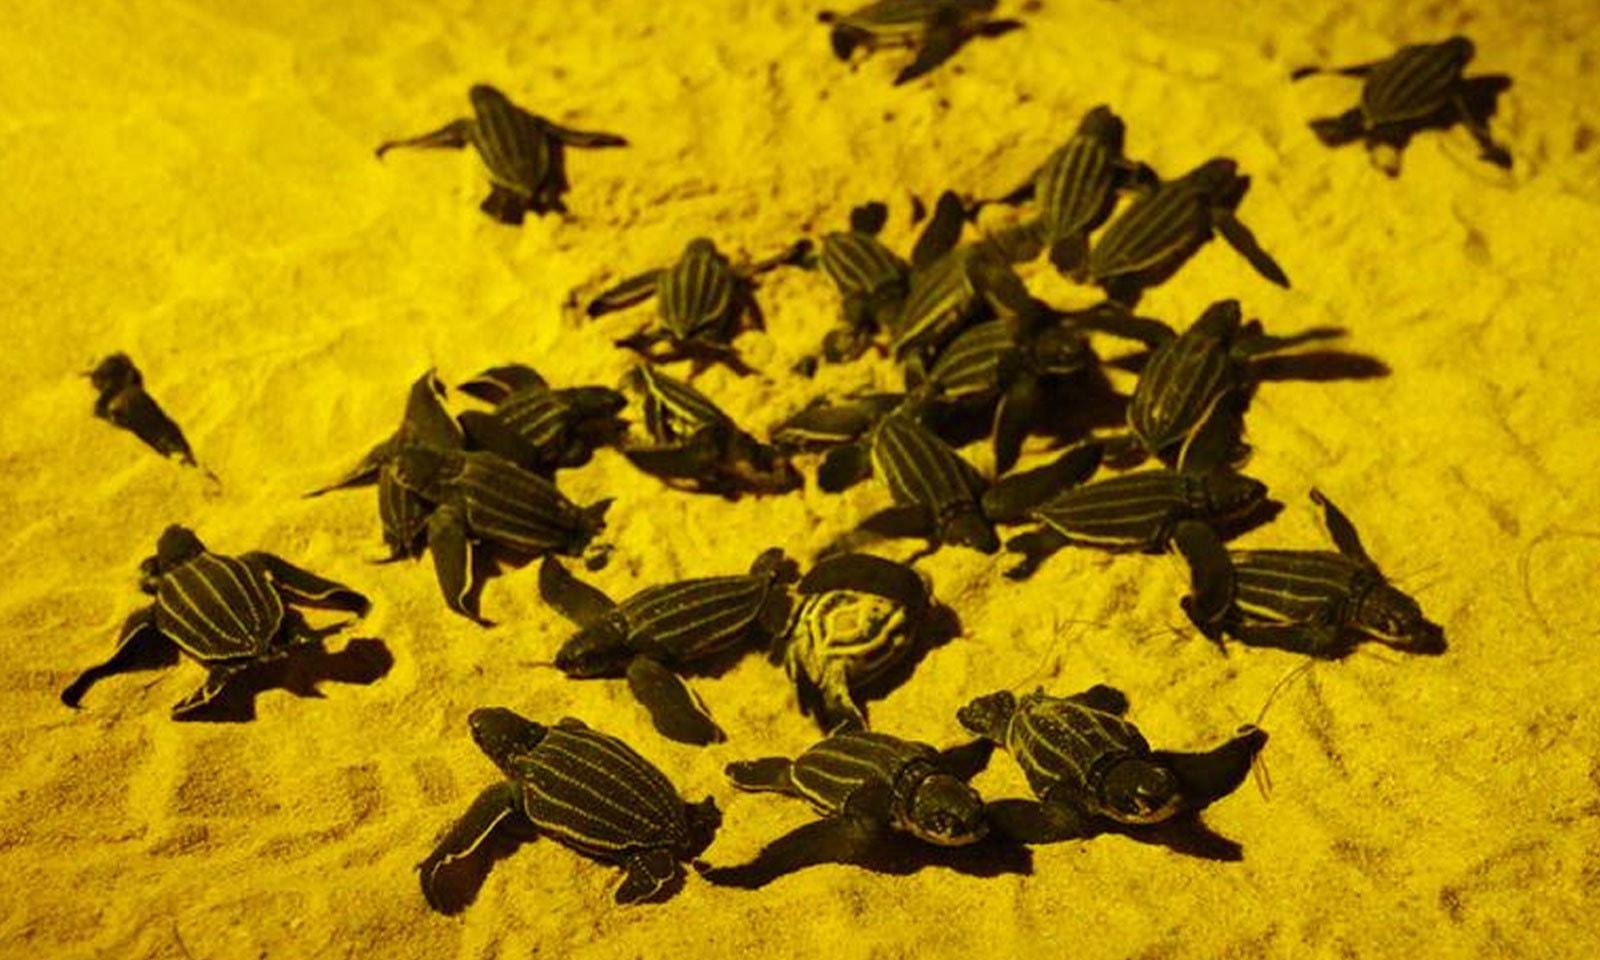 تھائی لینڈ کے ساحل پر انڈوں سے نکلنے والے نوزائیدہ کچھوے سمندر کا رخ کررہے ہیں—فوٹو: رائٹرز